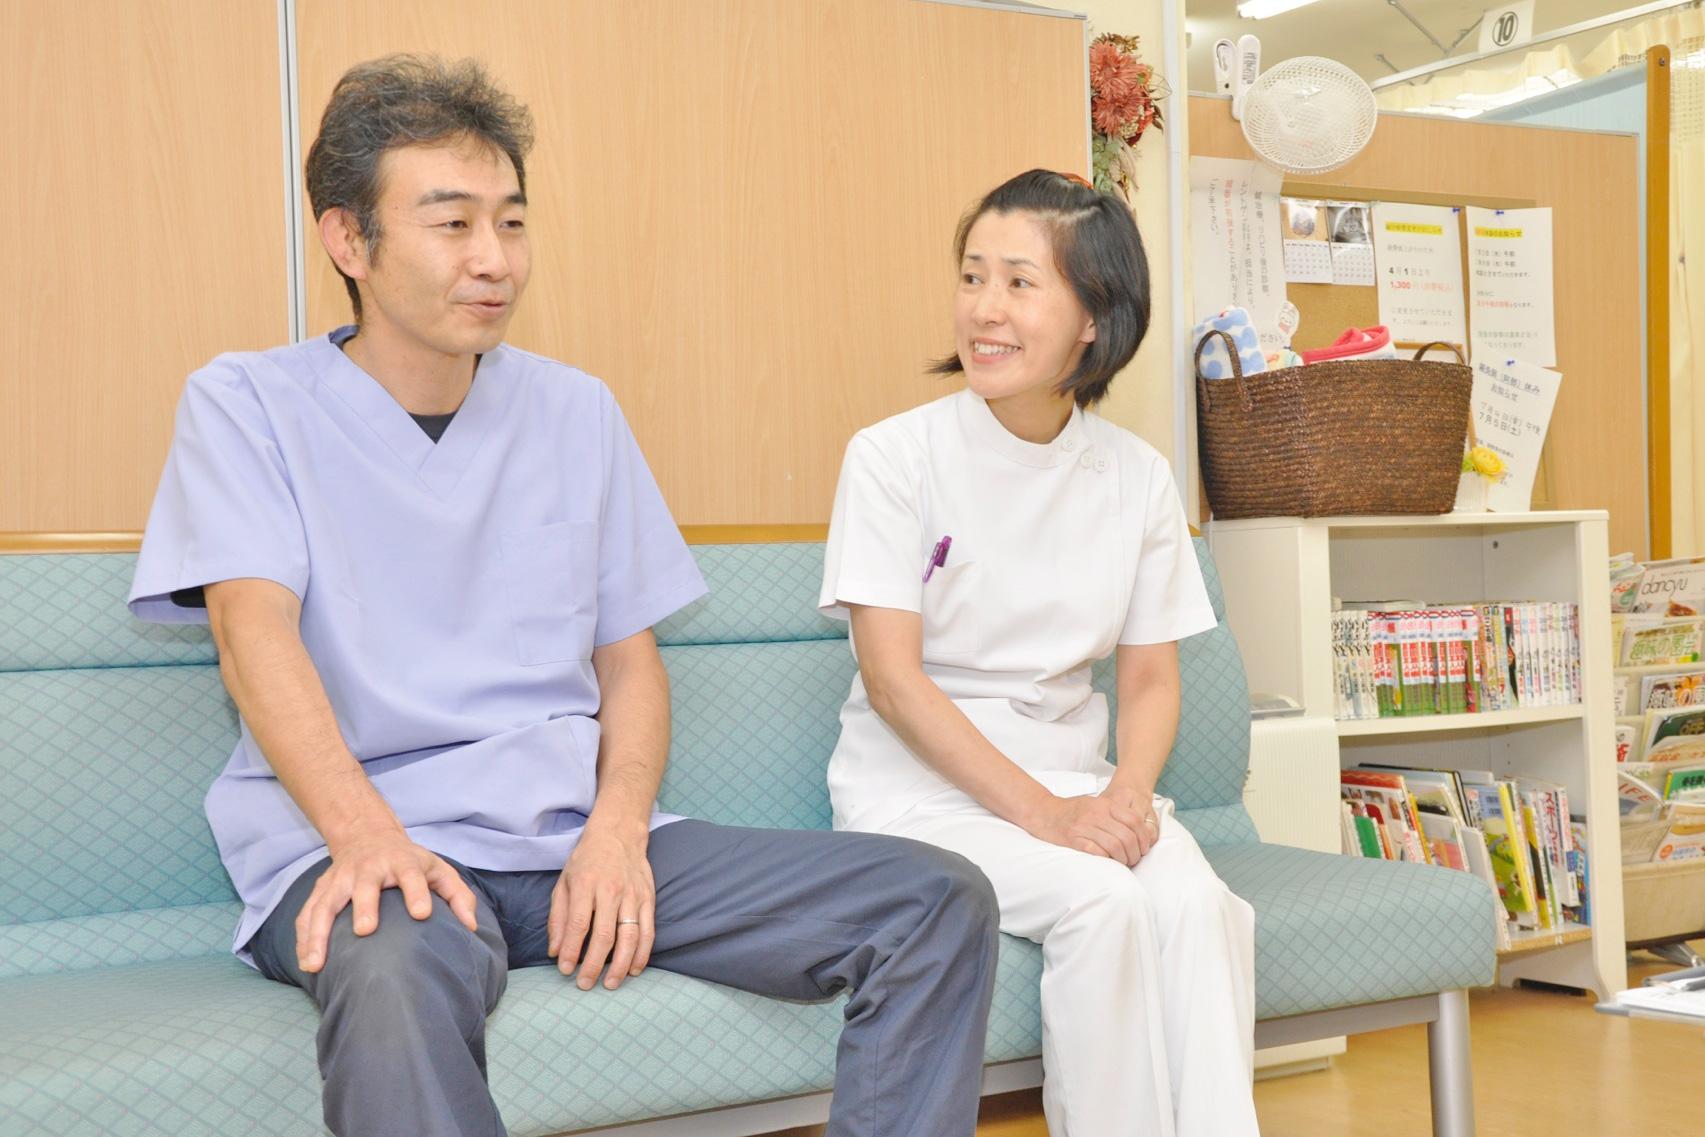 岩井 亮 院長 & 岩井 千香子 副院長